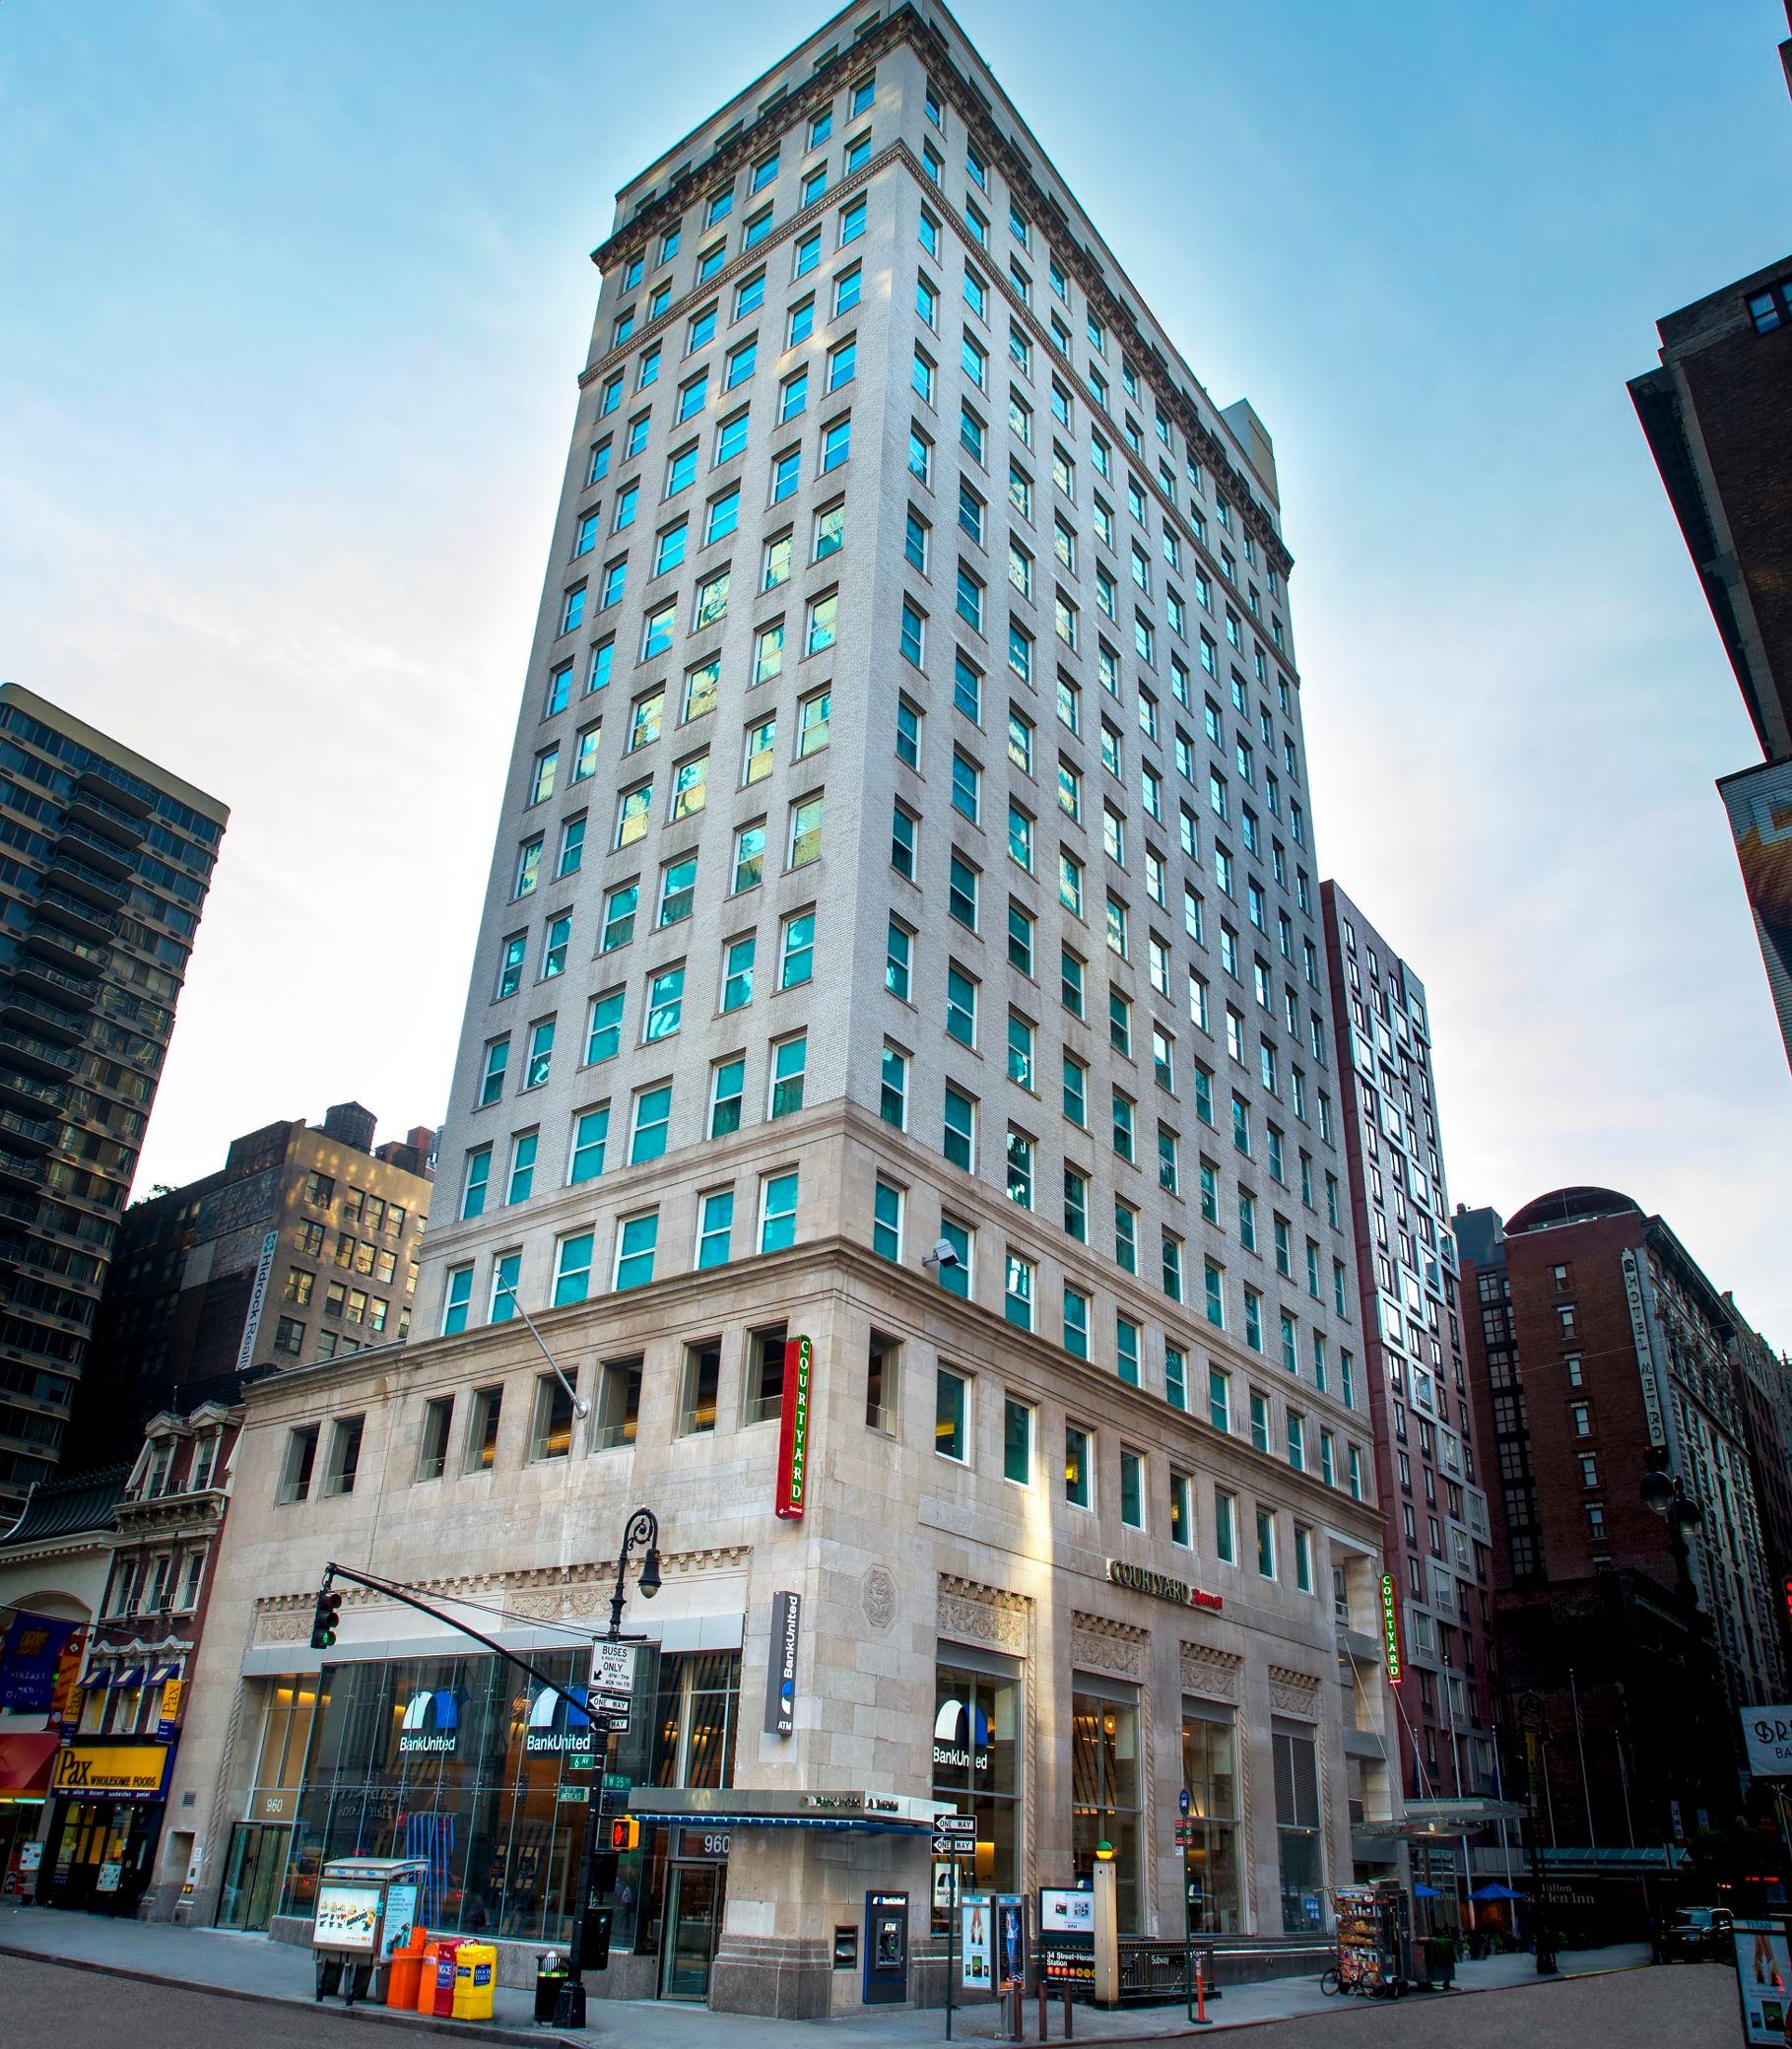 New York Manhatten: Courtyard By Marriott New York Manhattan/Herald Square